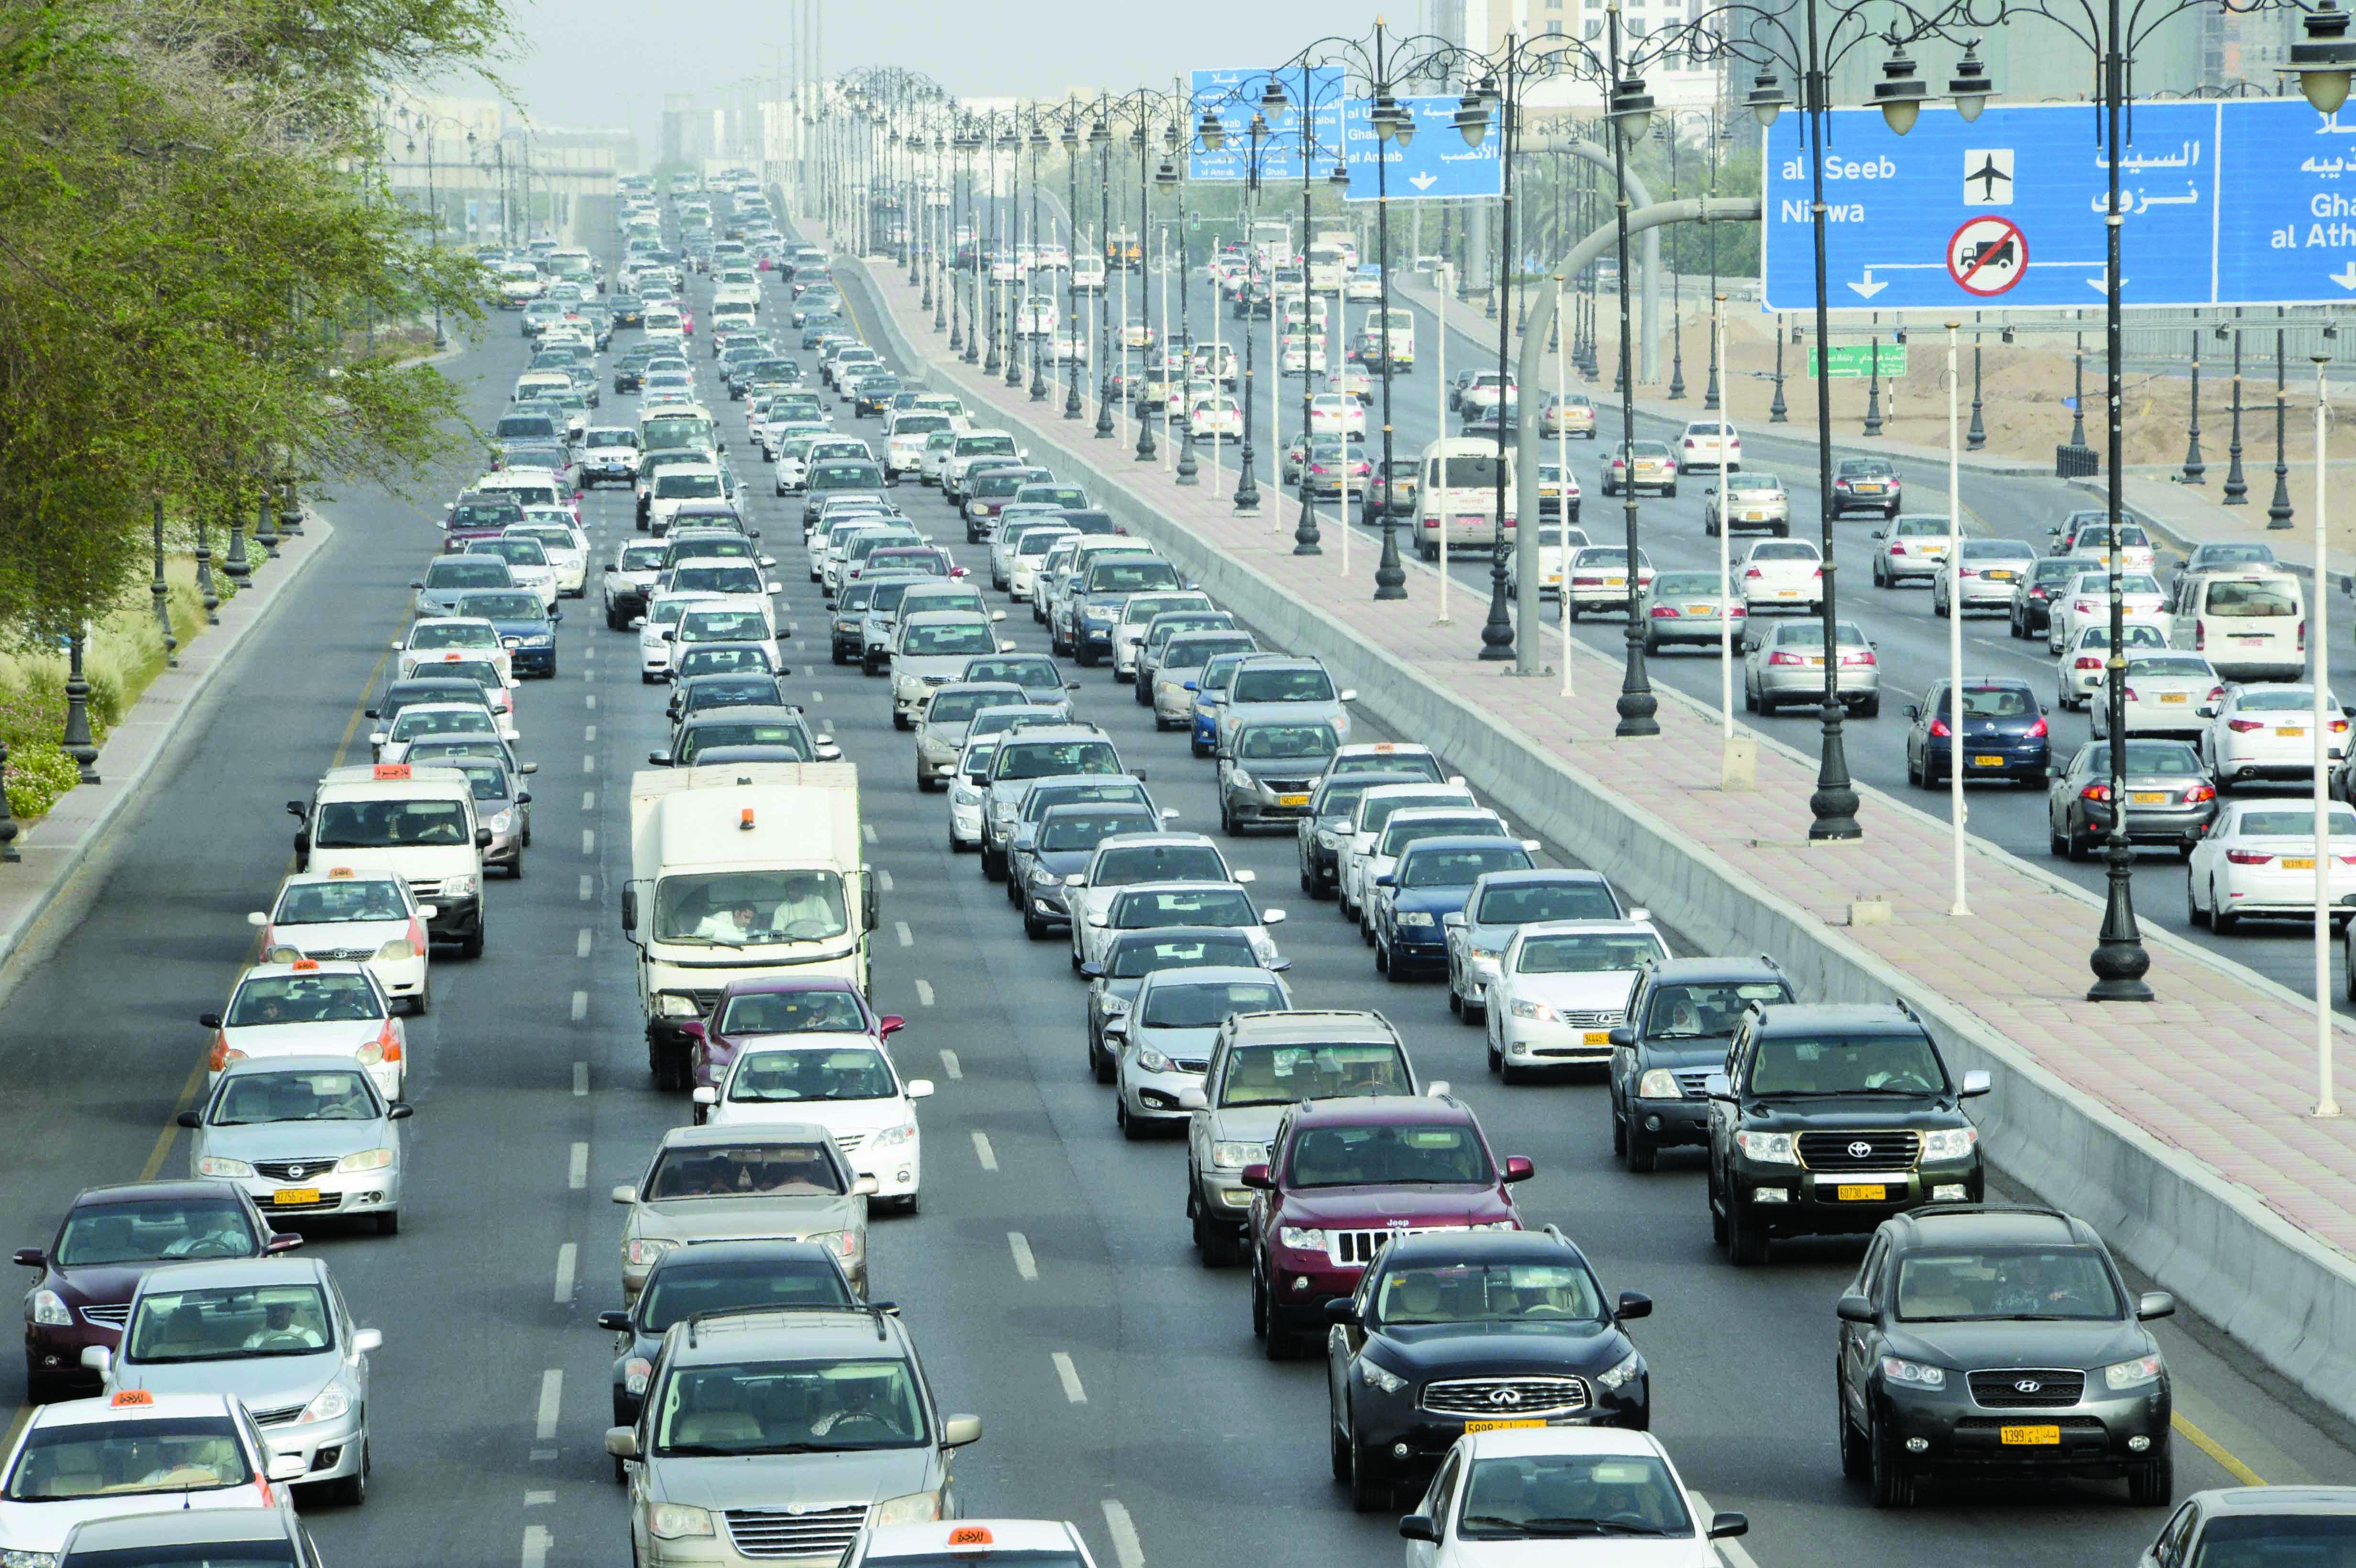 ارتفاع نسبة تسجيل المركبات الحكومية  بنهاية مارس الفائت بنسبة  52.1 بالمائة